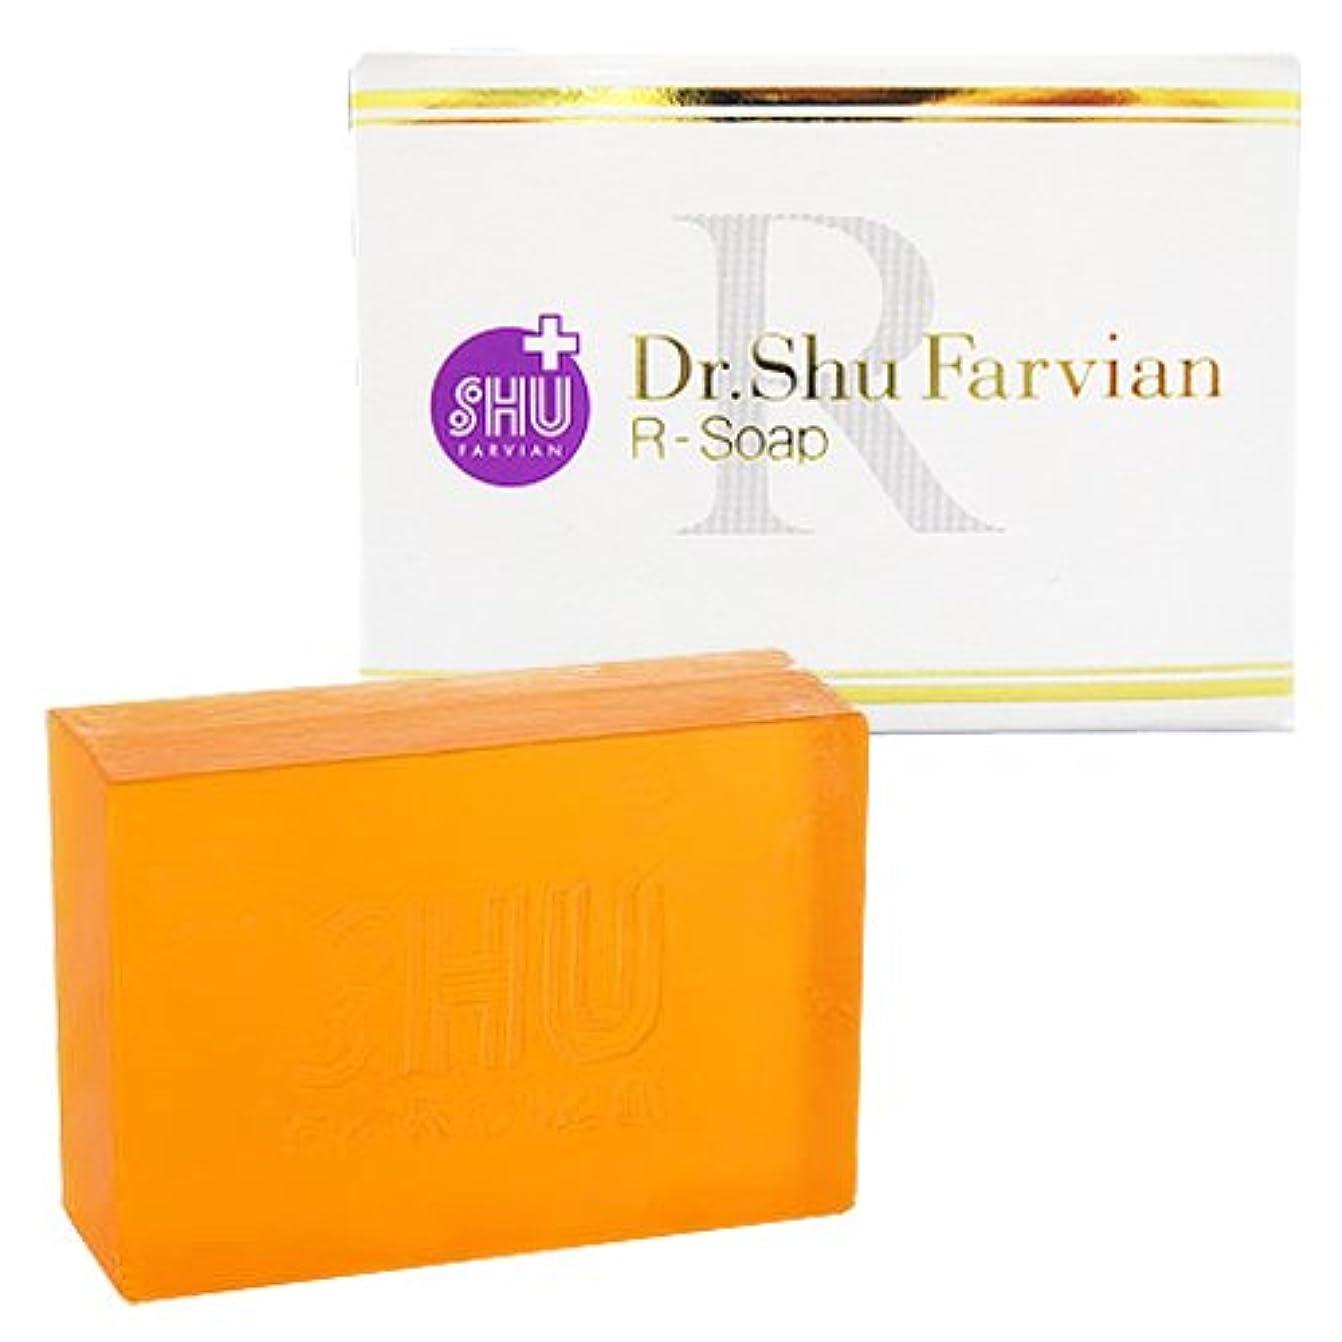 トーナメントファイター分離ドクターシュウファビアン(Dr.Shu Farvian) 【シュウファビアン】Rソープ 100g